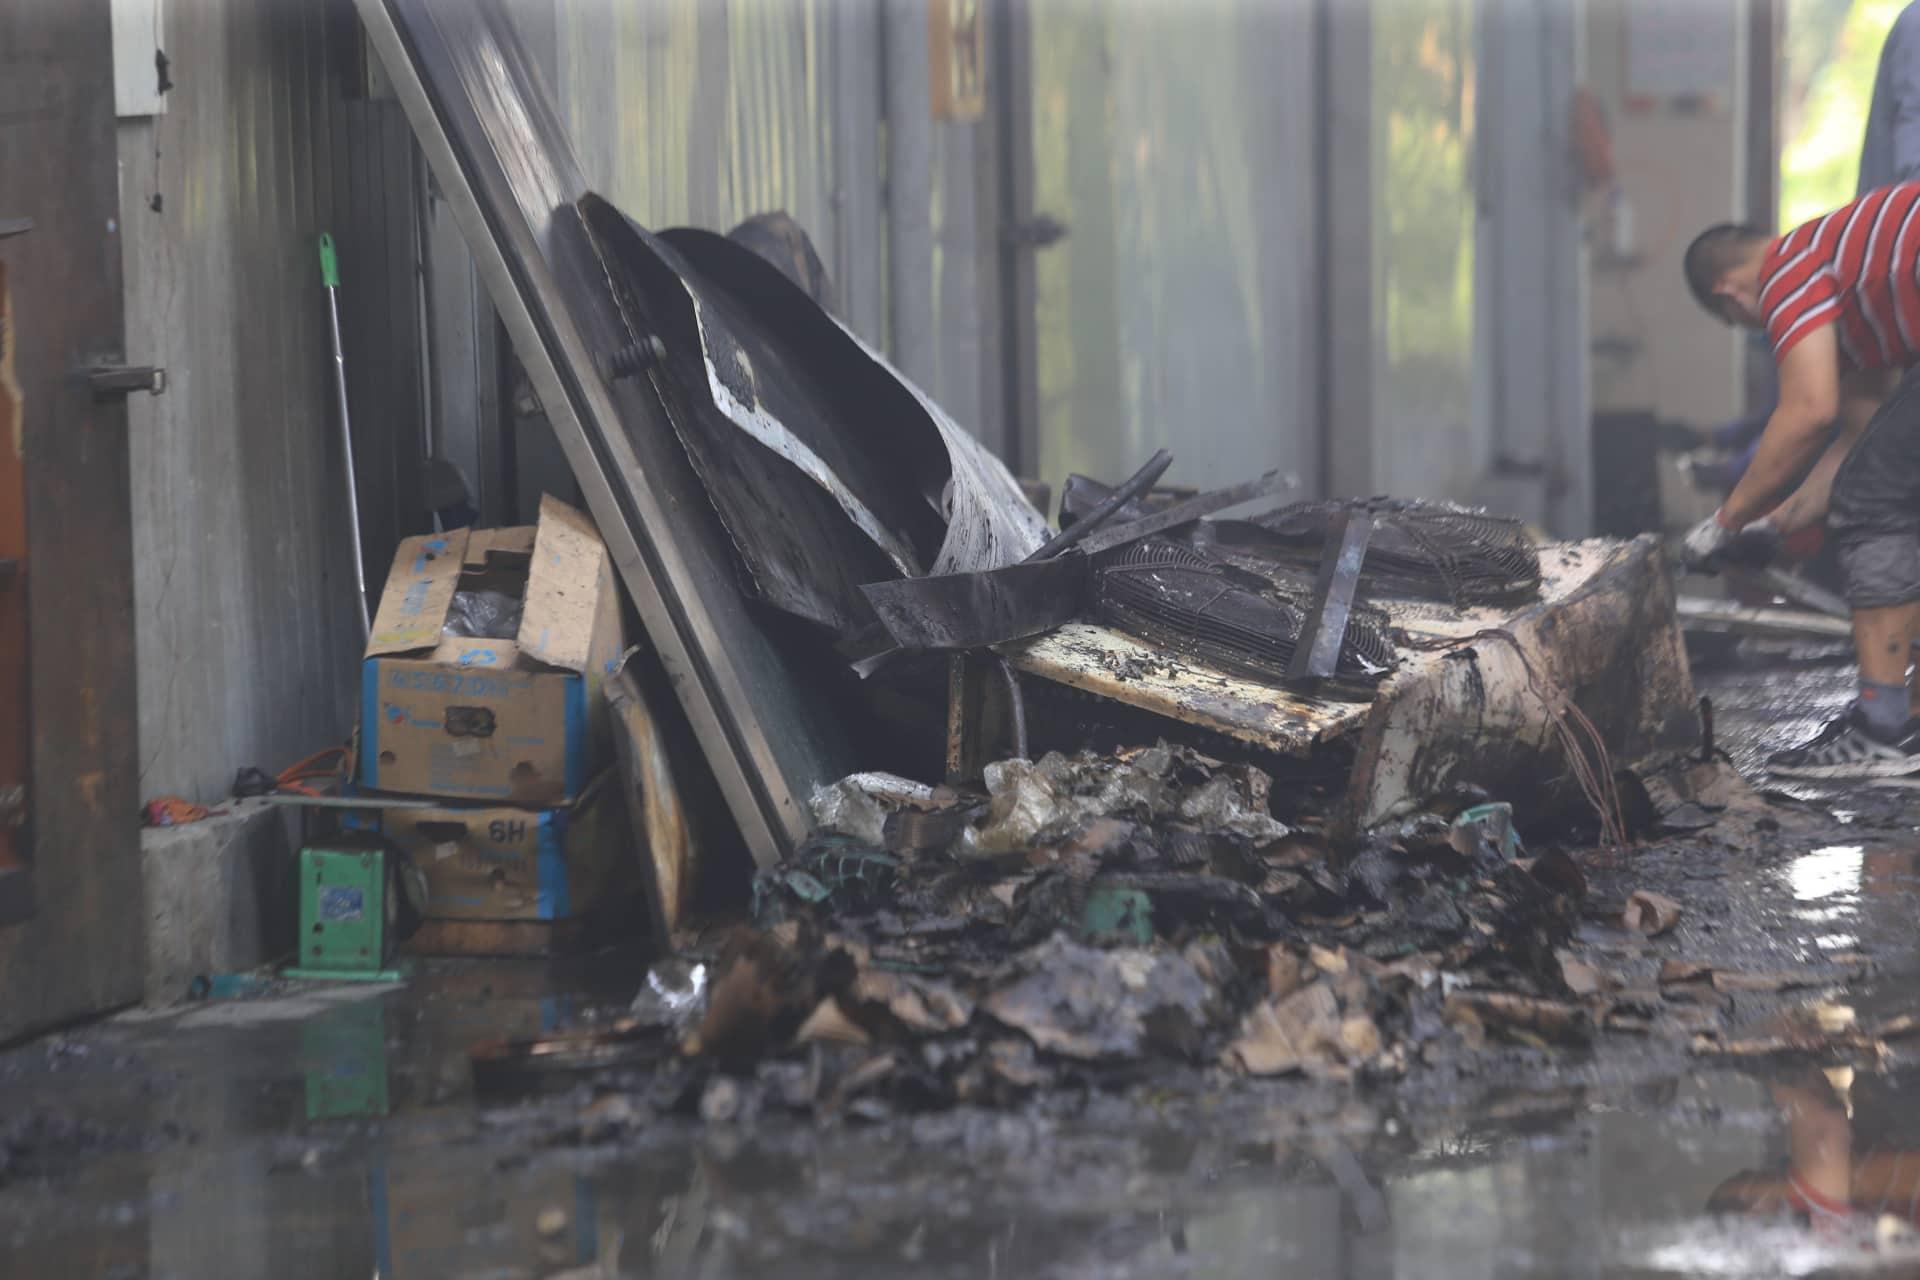 Nhân chứng vụ cháy 8 người chết và mất tích ở Hà Nội: Nghe có tiếng đập cửa nhưng không thể tiếp cận vì khói lửa quá dữ dội - Ảnh 1